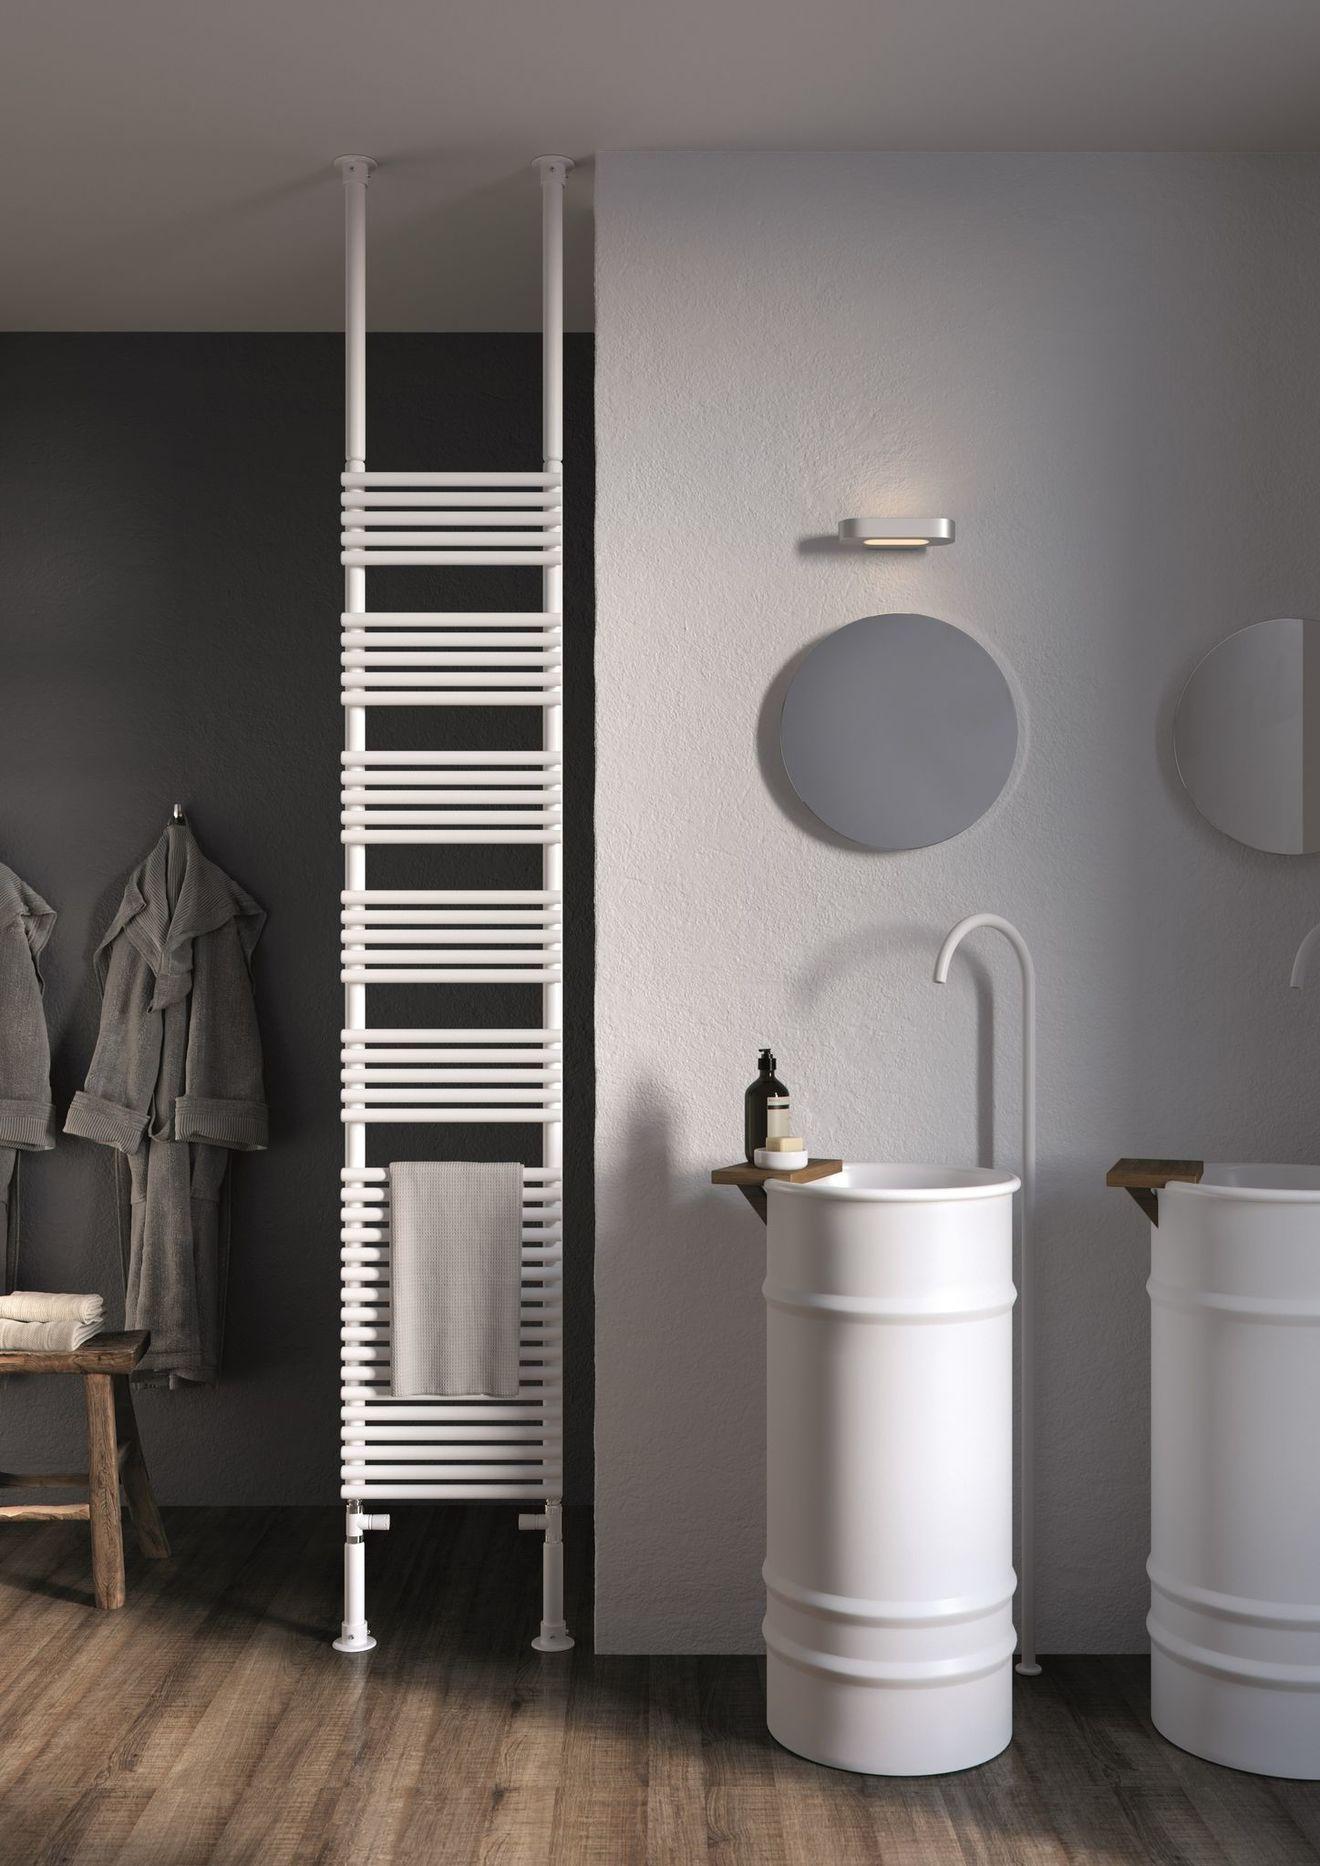 Hauteur Porte Serviette Salle De Bain sèche serviettes : sélection électrique, eau chaude   sèche